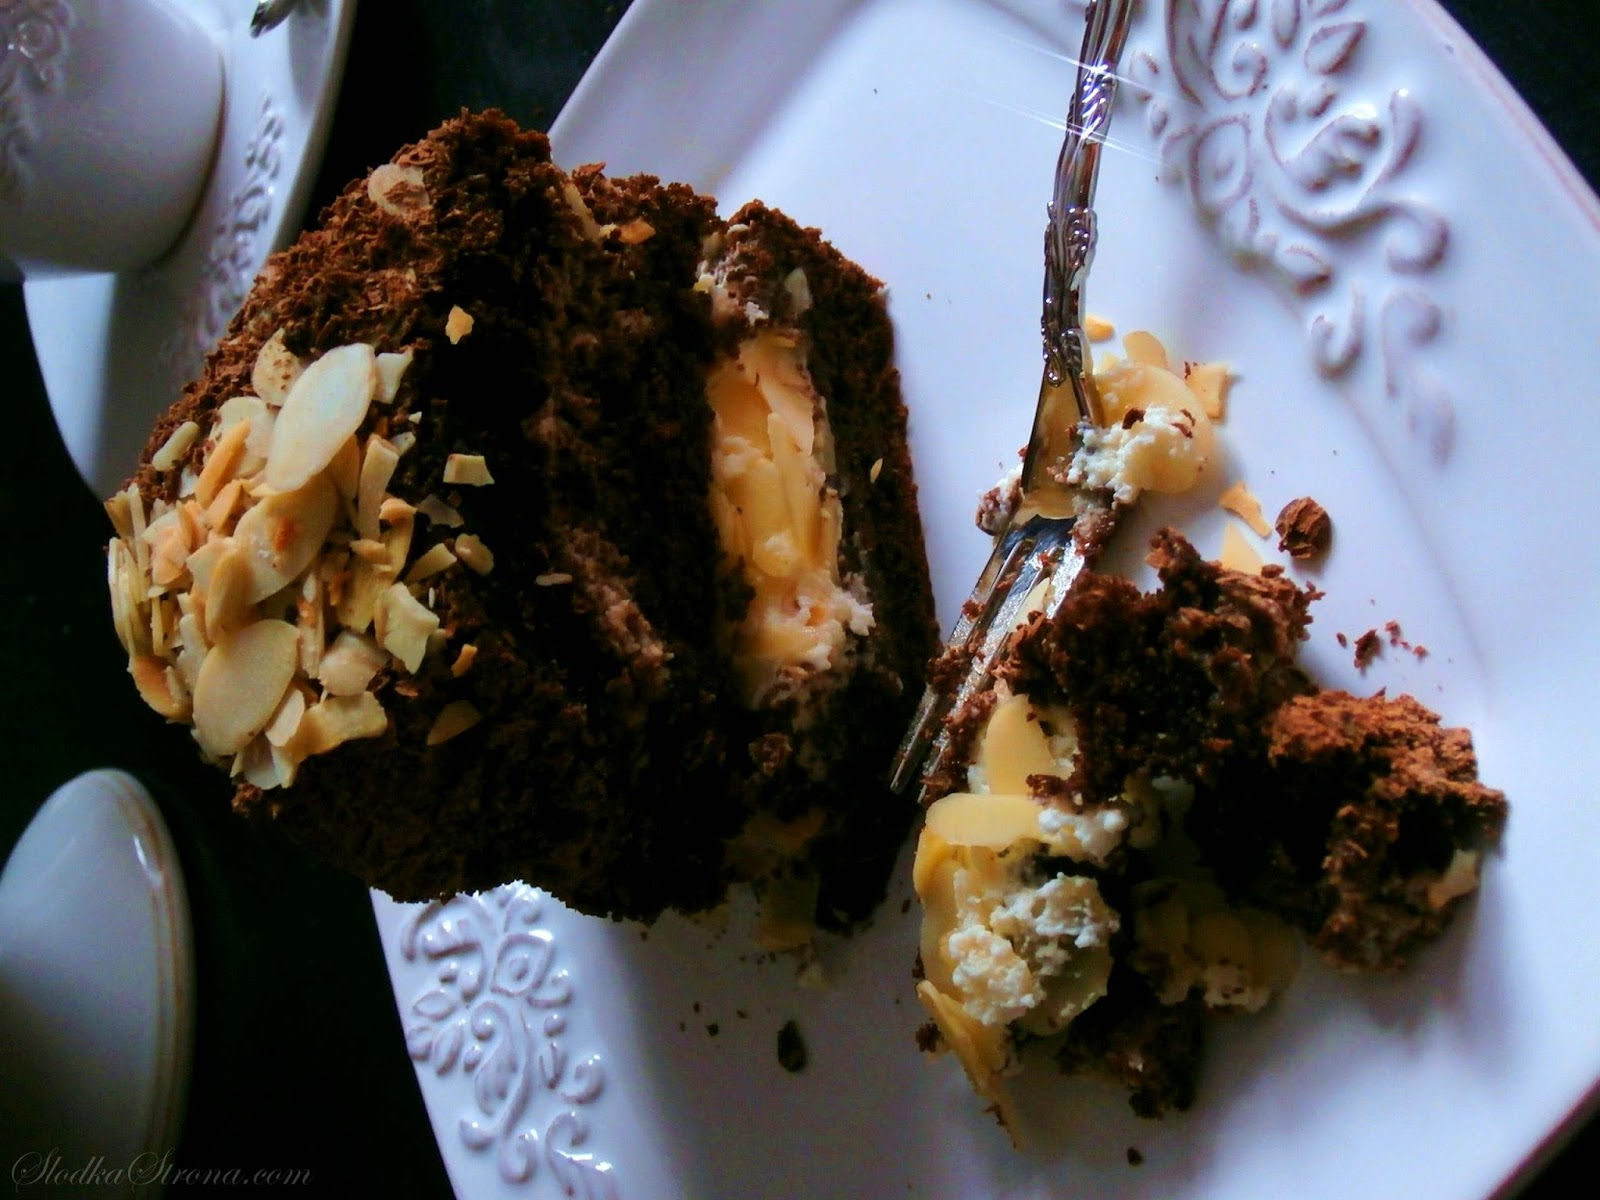 Tort Czekoladowy z Straciatellą z Migdałami - Przepis - Słodka Strona